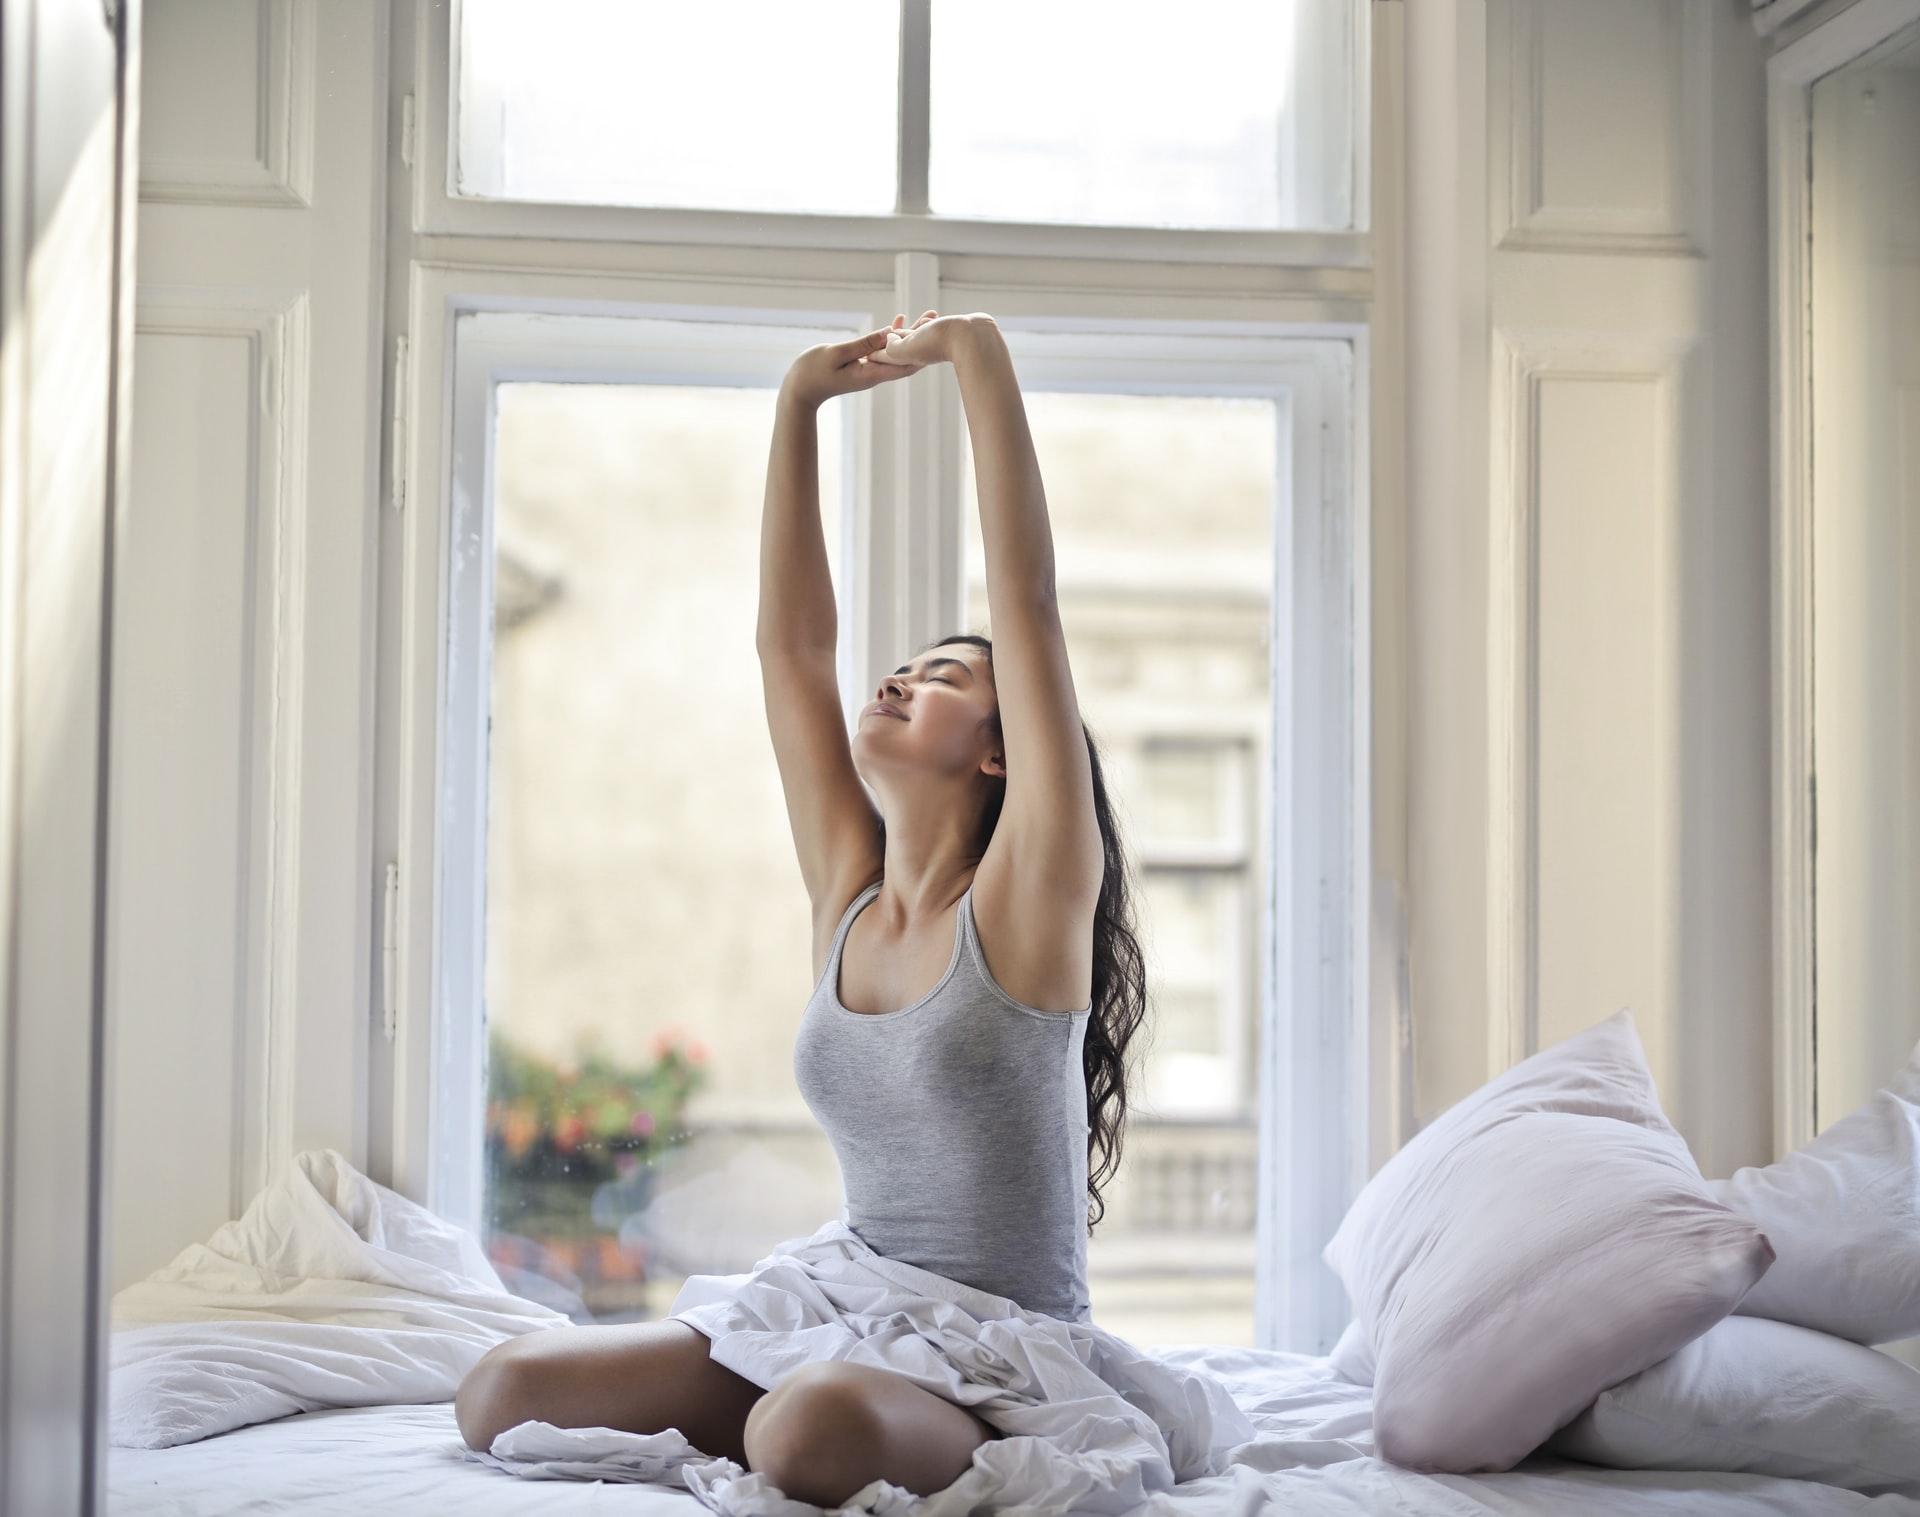 「眠れない・眠りが浅い」 睡眠不足のおすすめ解消法3つ